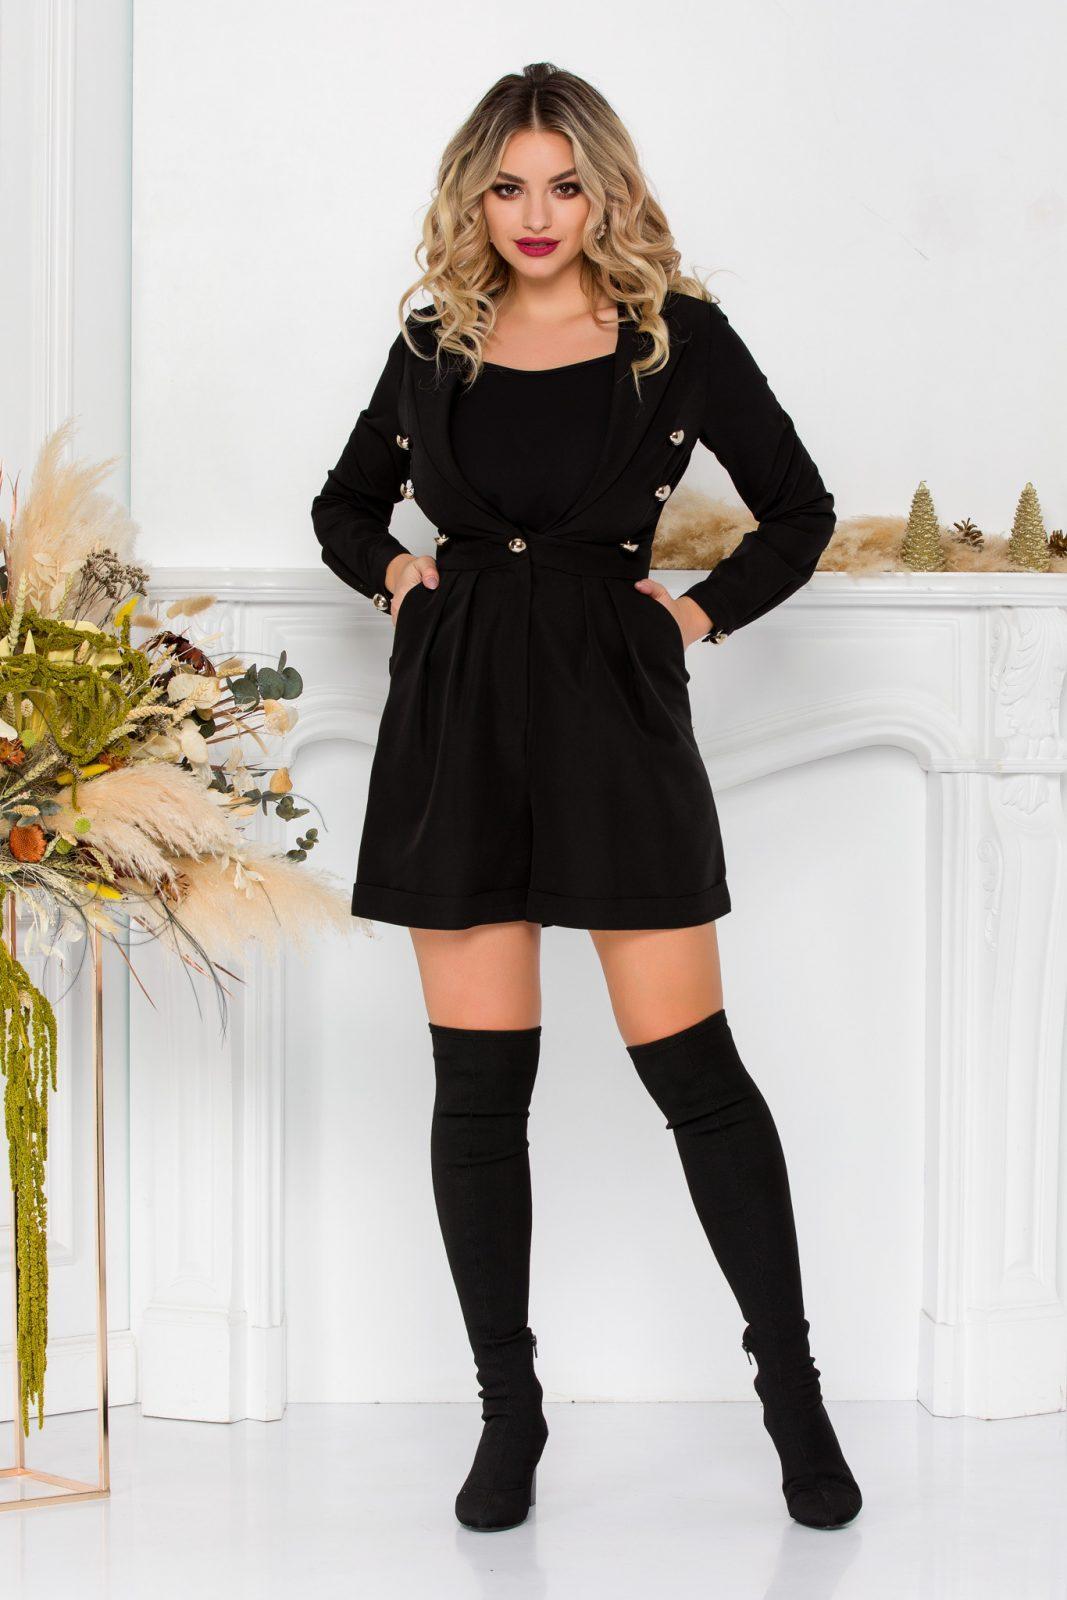 Μαύρη Ολόσωμη Φόρμα Με Κουμπιά Selda 8941 2